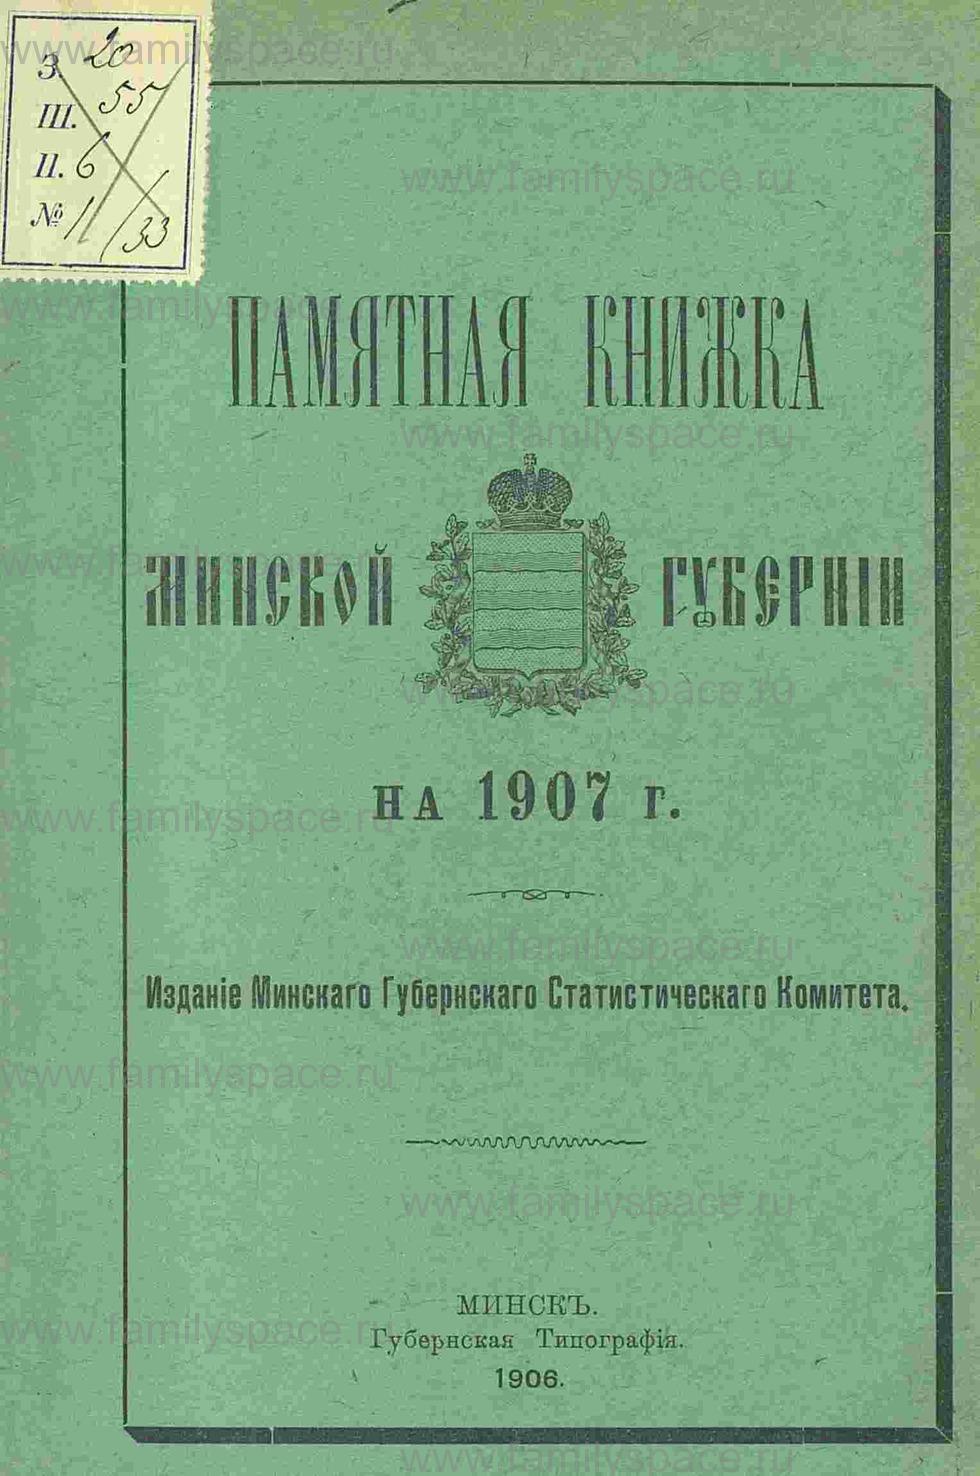 Поиск по фамилии - Памятная книжка Минской губернии на 1907 год, страница 3